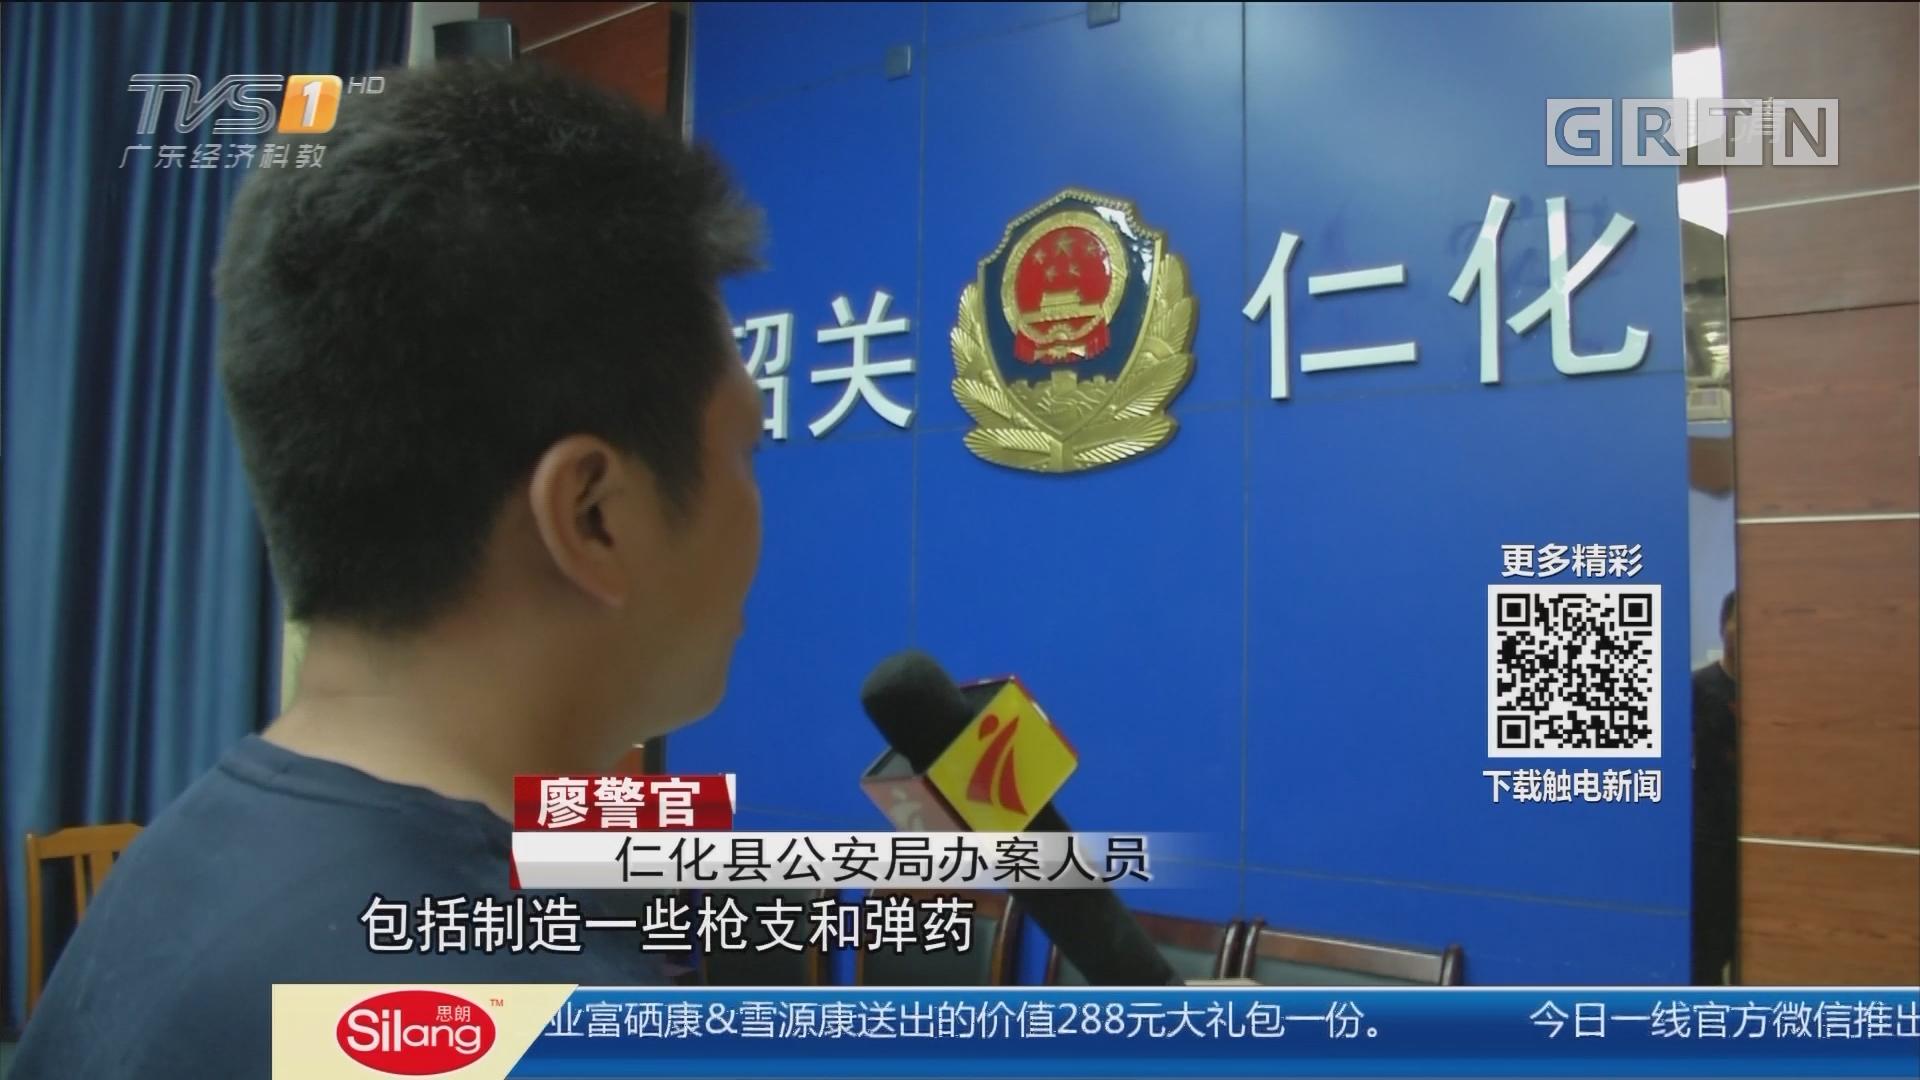 韶关:警方破获多宗网络贩枪案 缴获一批真枪实弹